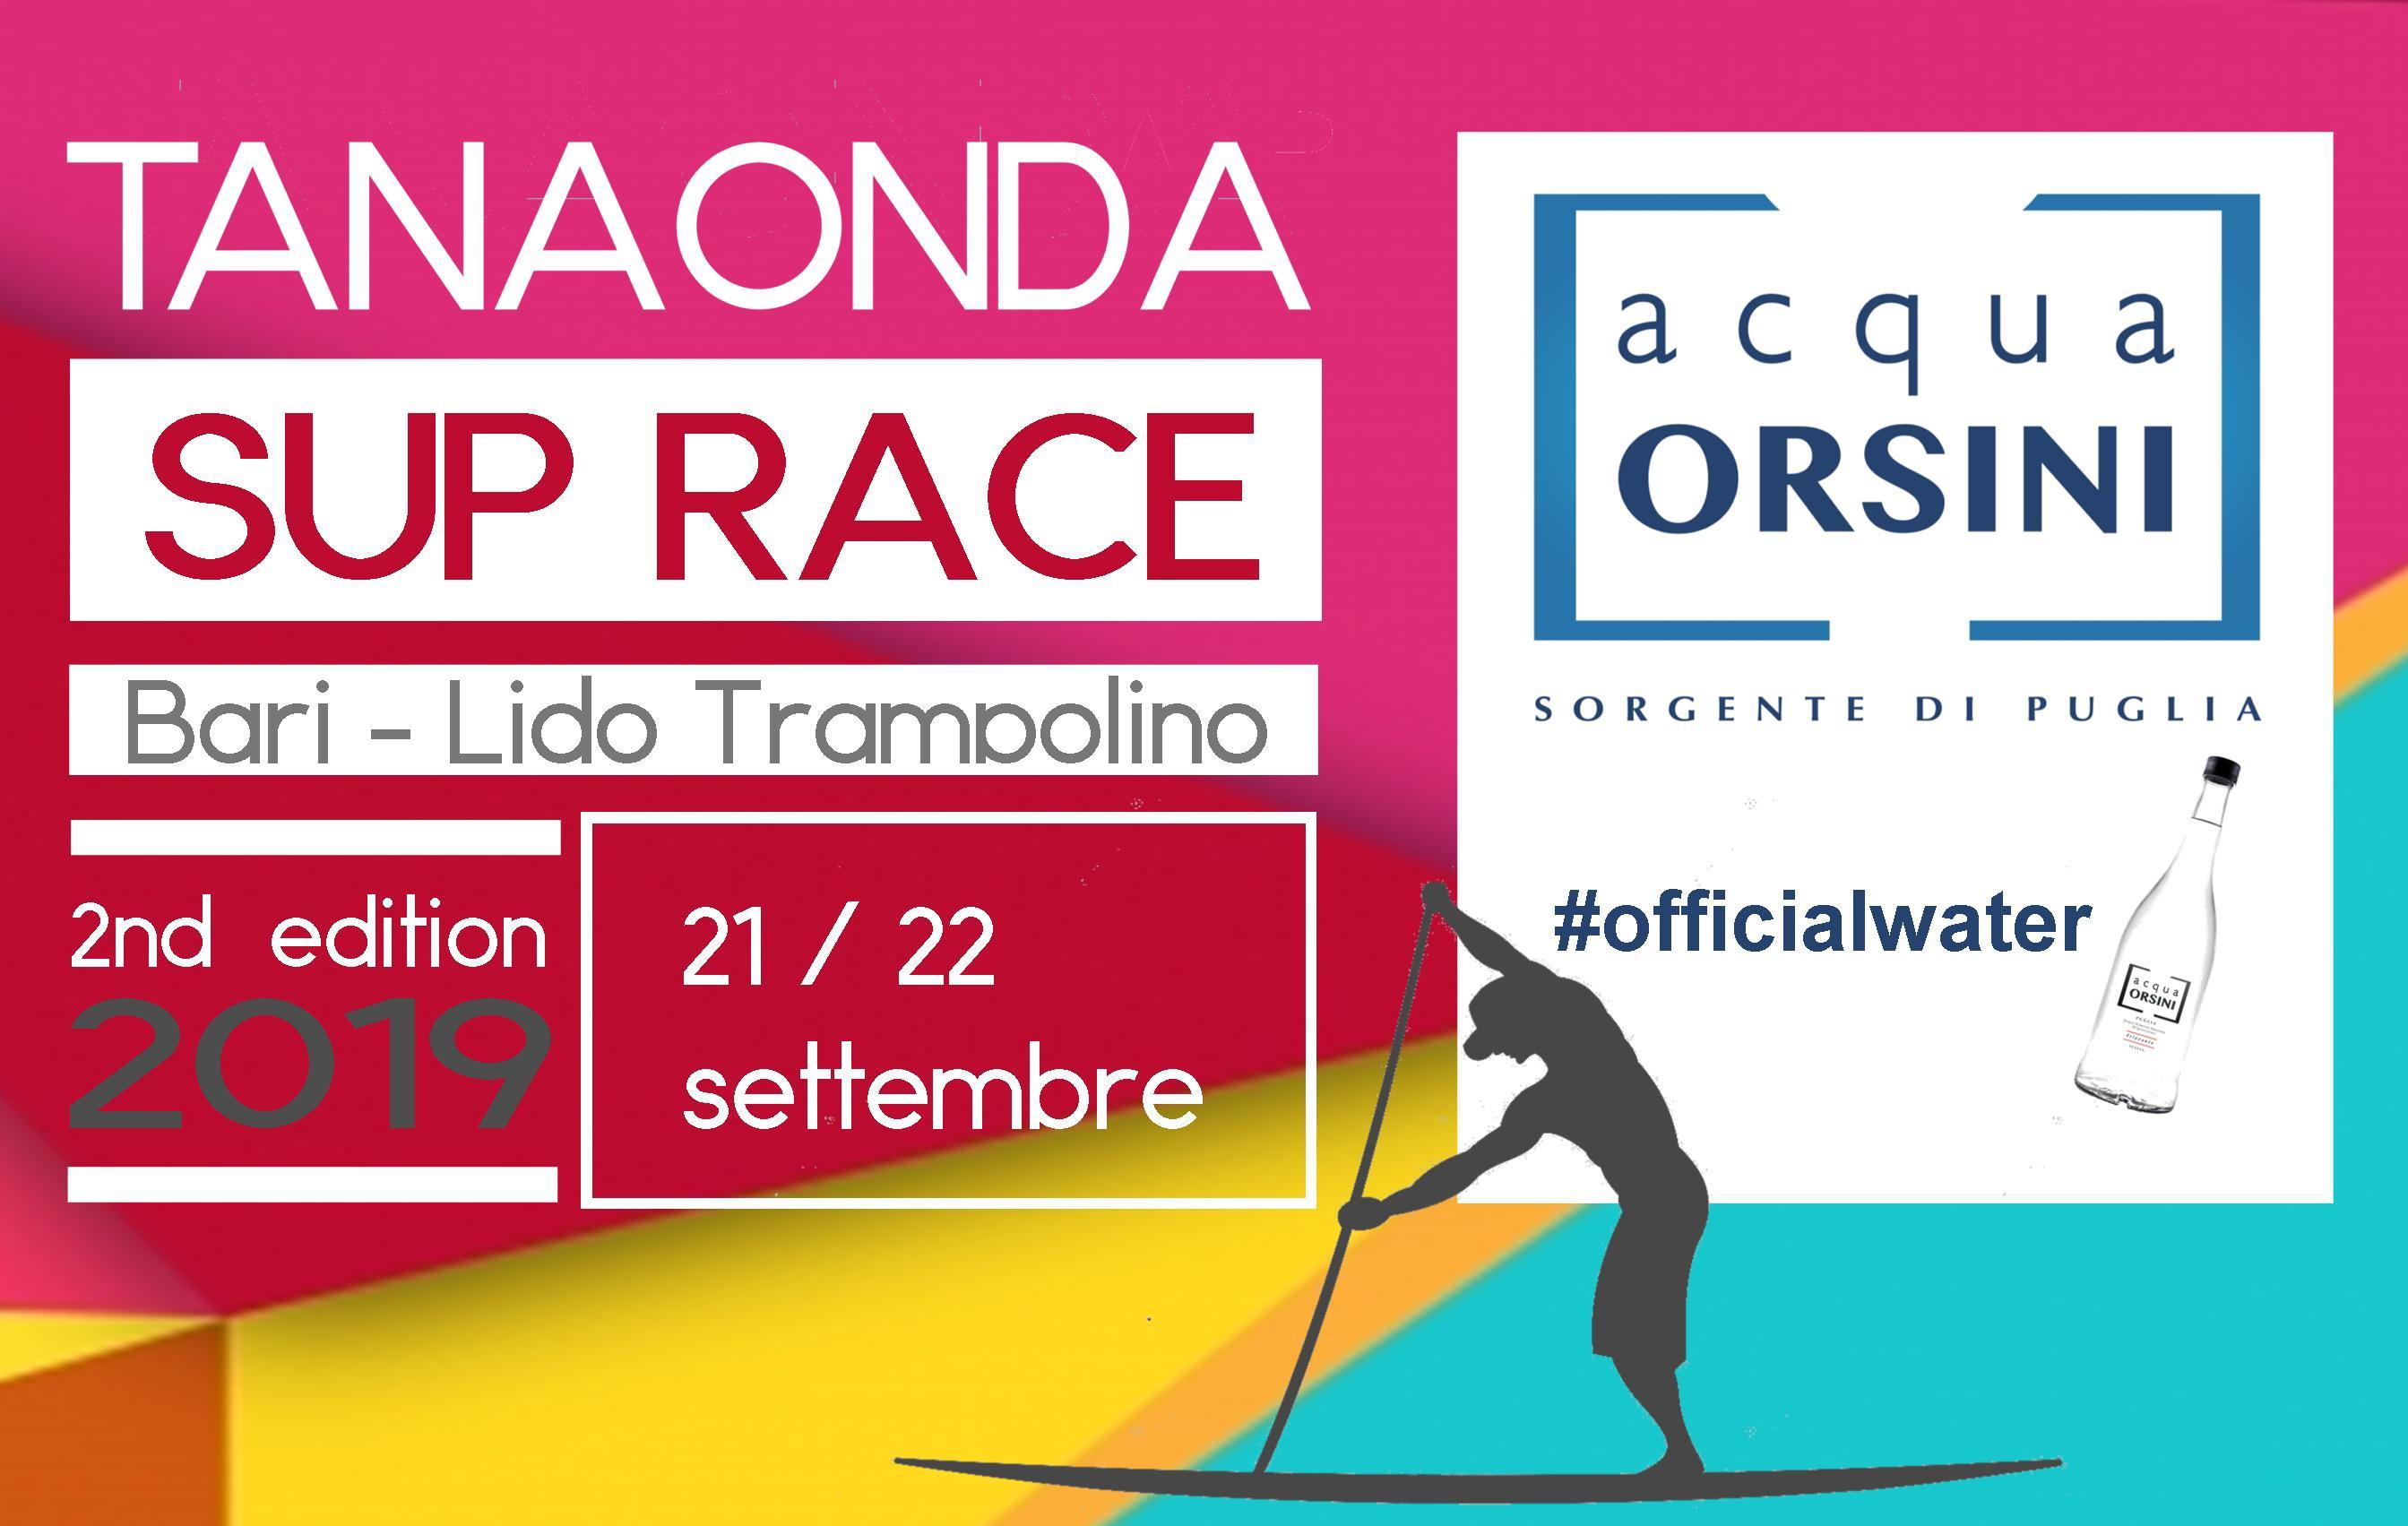 Acqua Orsini #officialwater della SUP Race Tanaonda 2019